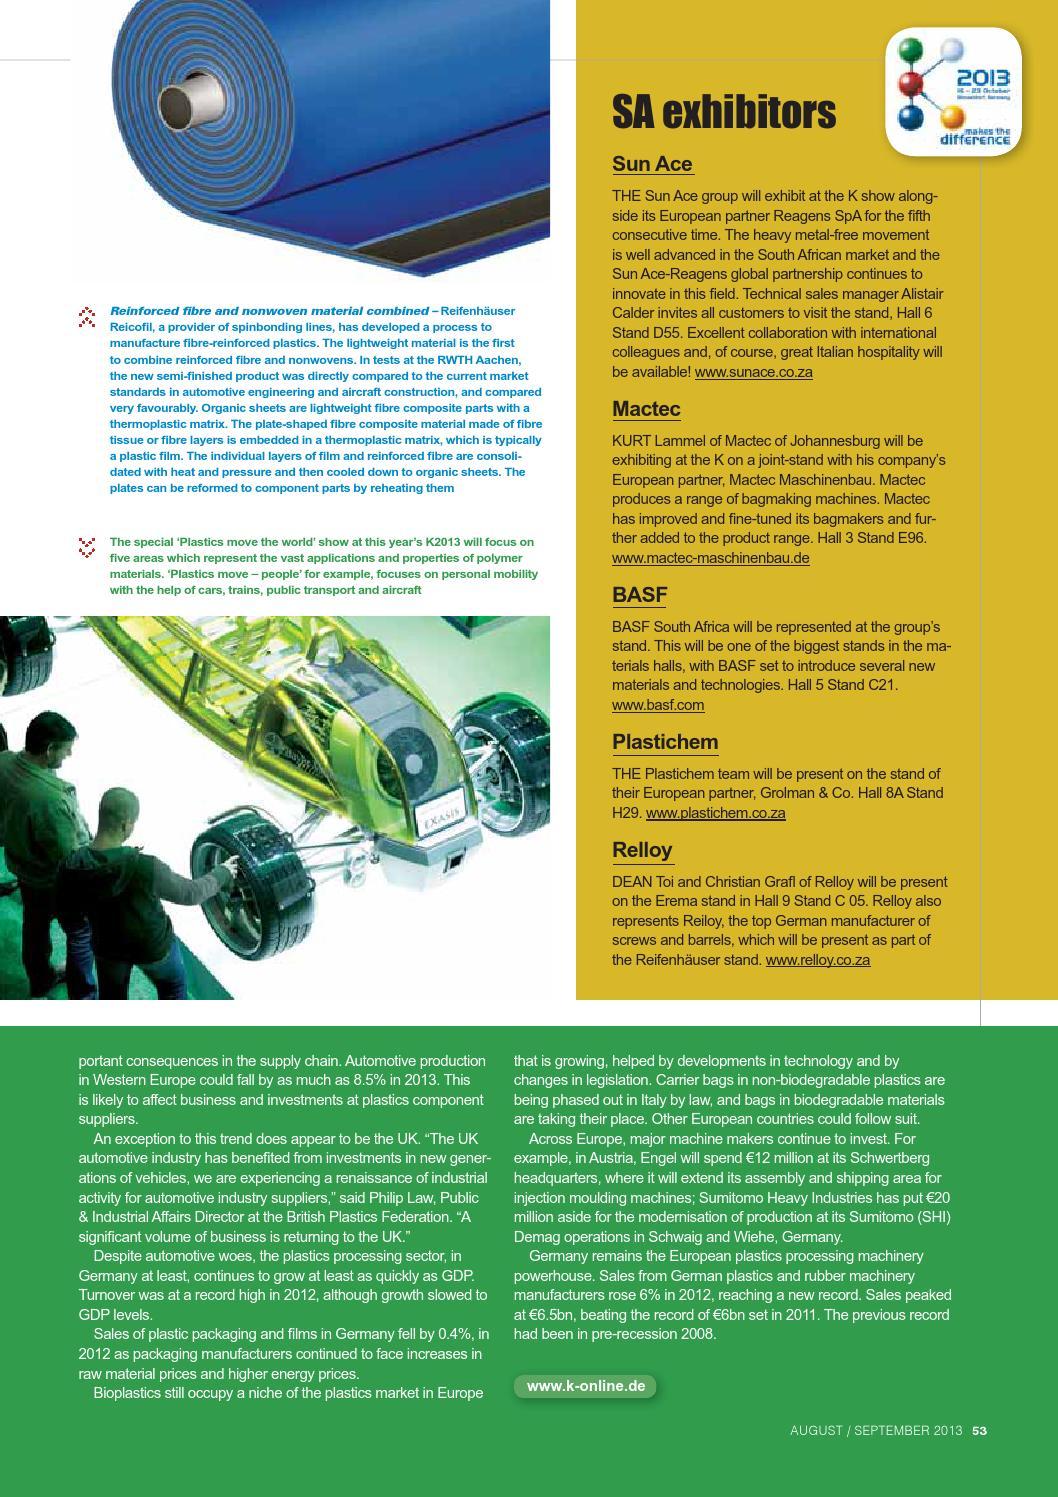 Sa plastics '013 08 for web by SA Plastics, Composites